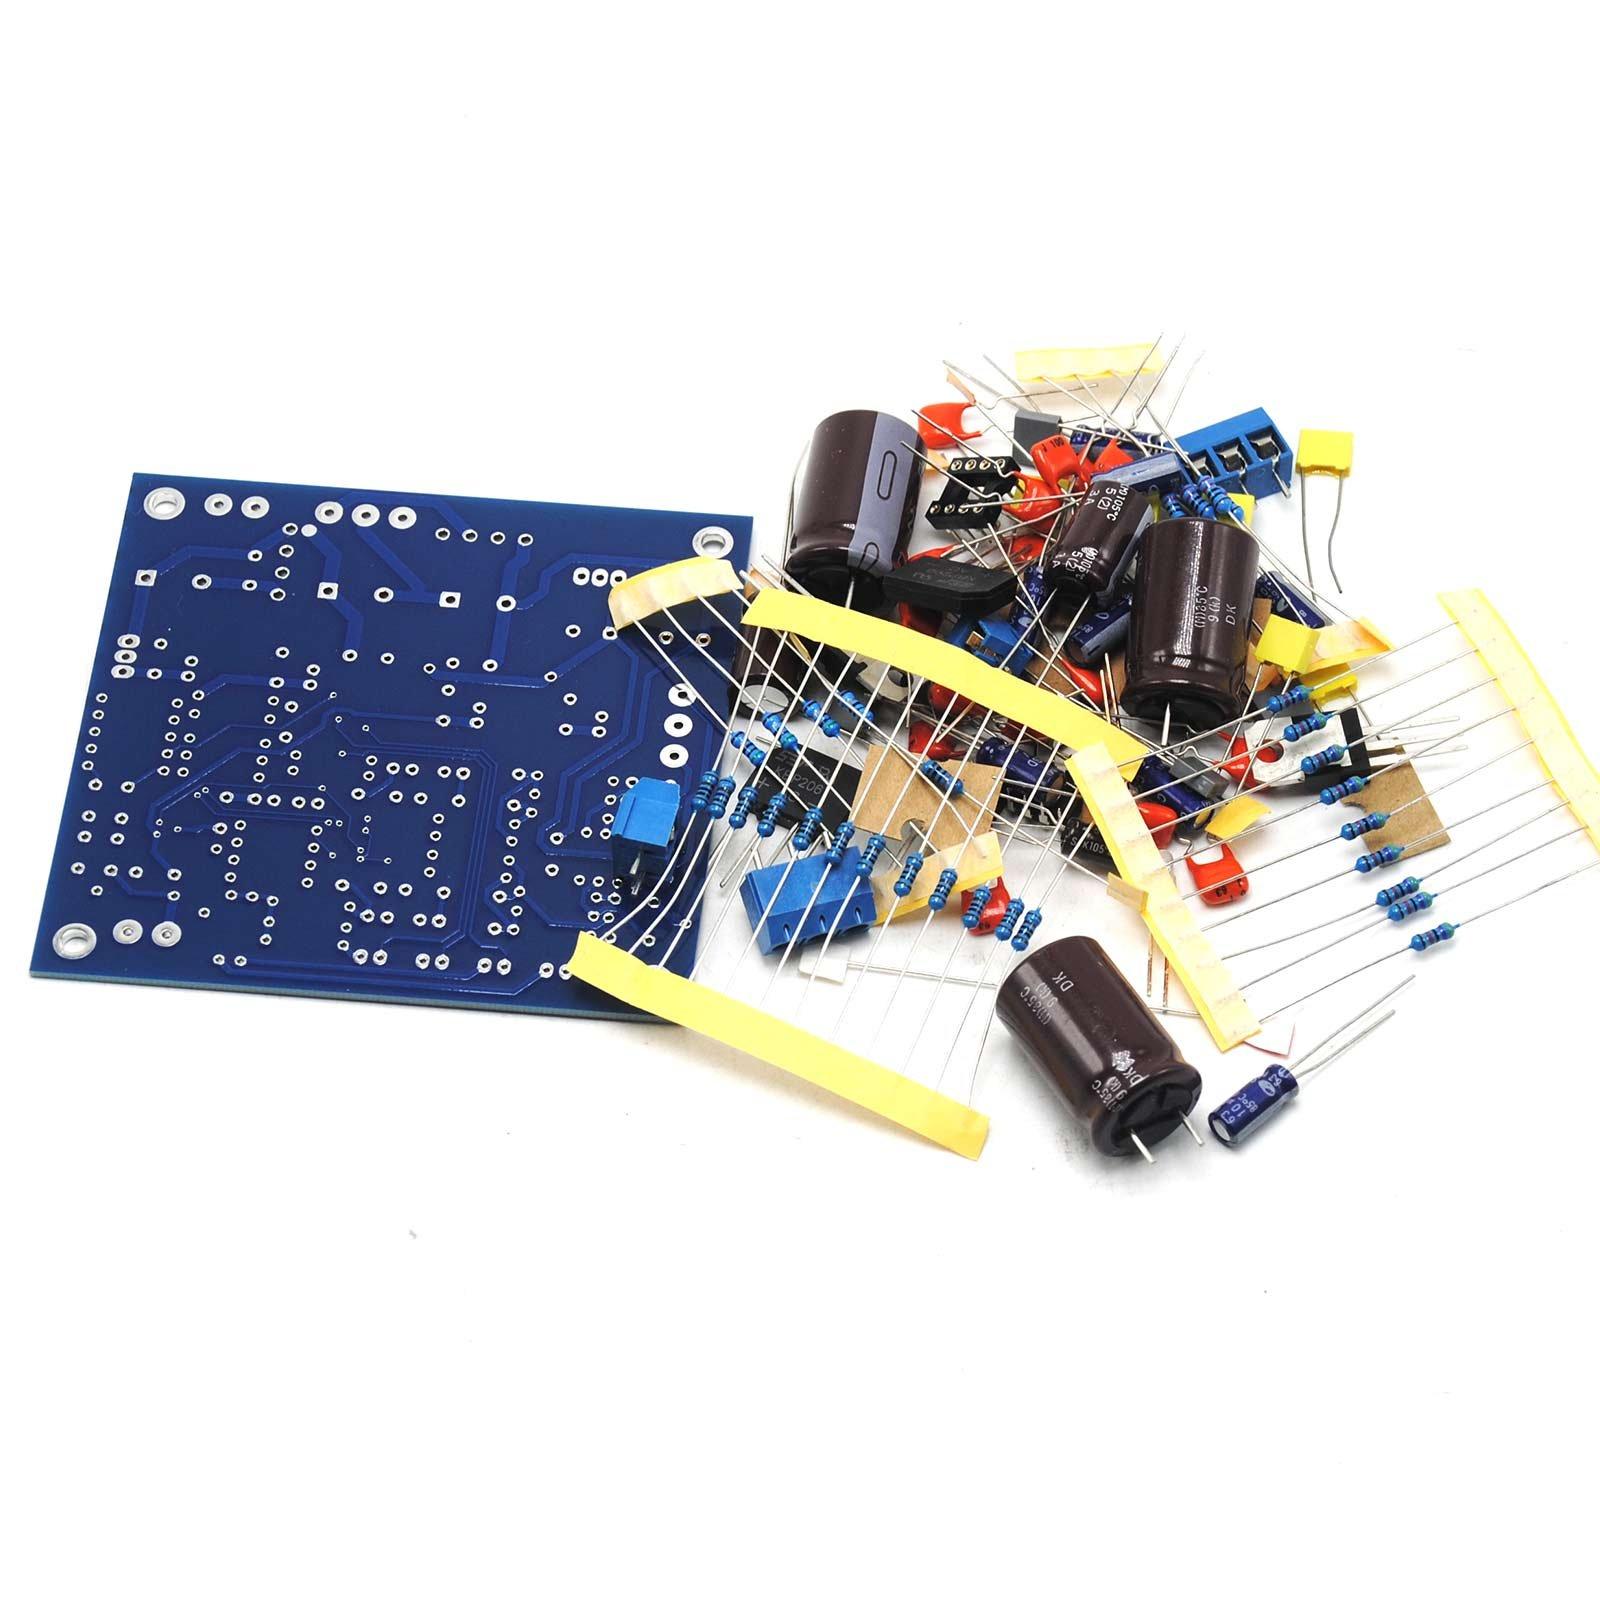 CS8416 AK4396 NE5532 24 bit DAC kit 192K 30kHz - 216kHz